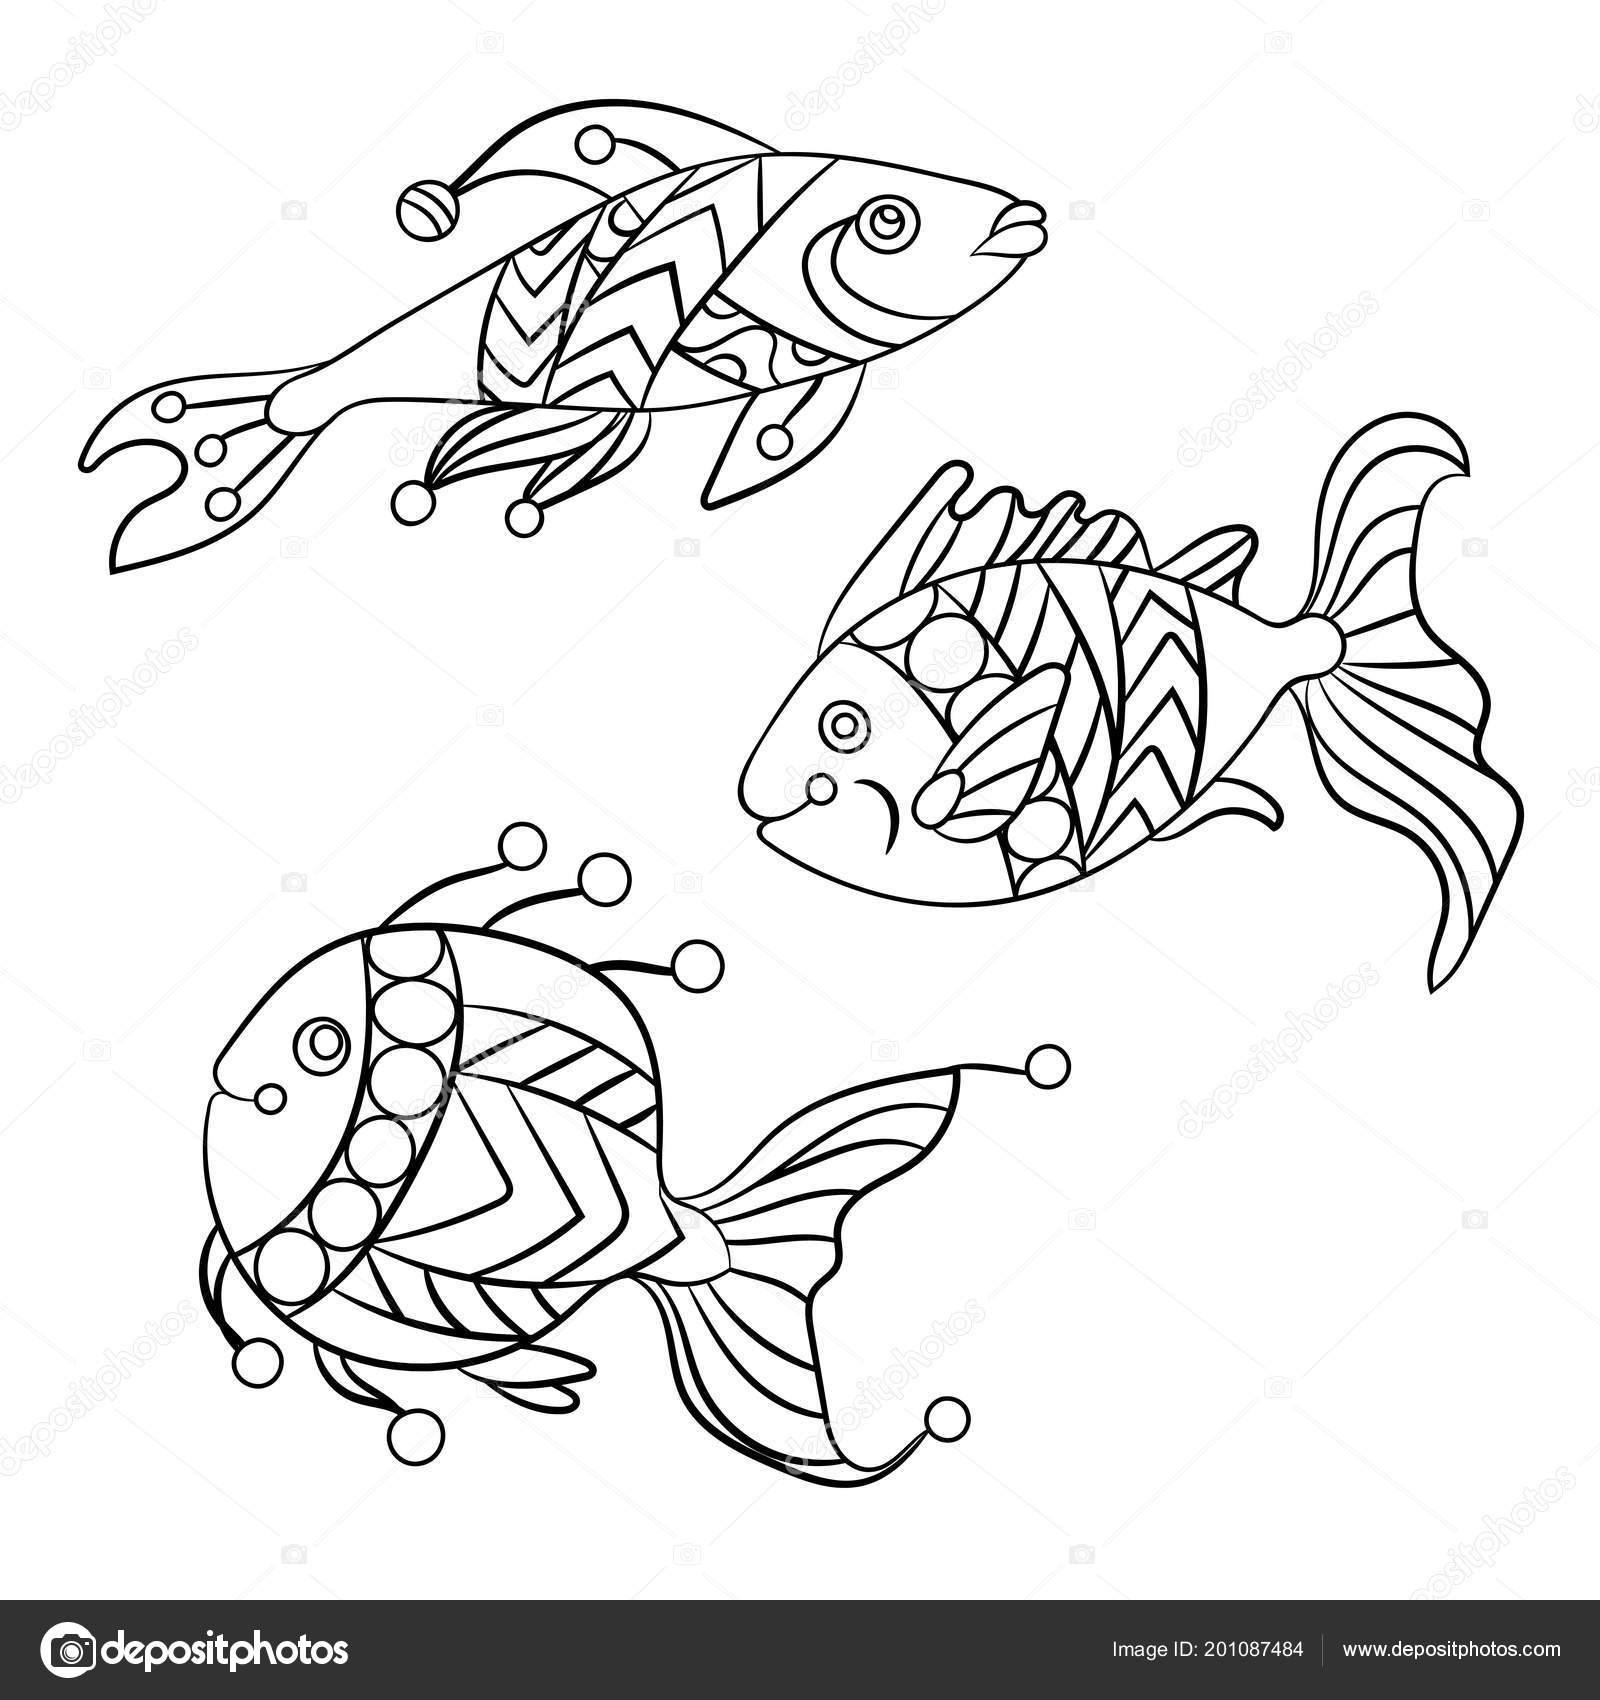 Páginas Para Colorear Para Niños Adultos Con Conjunto Peces Mar